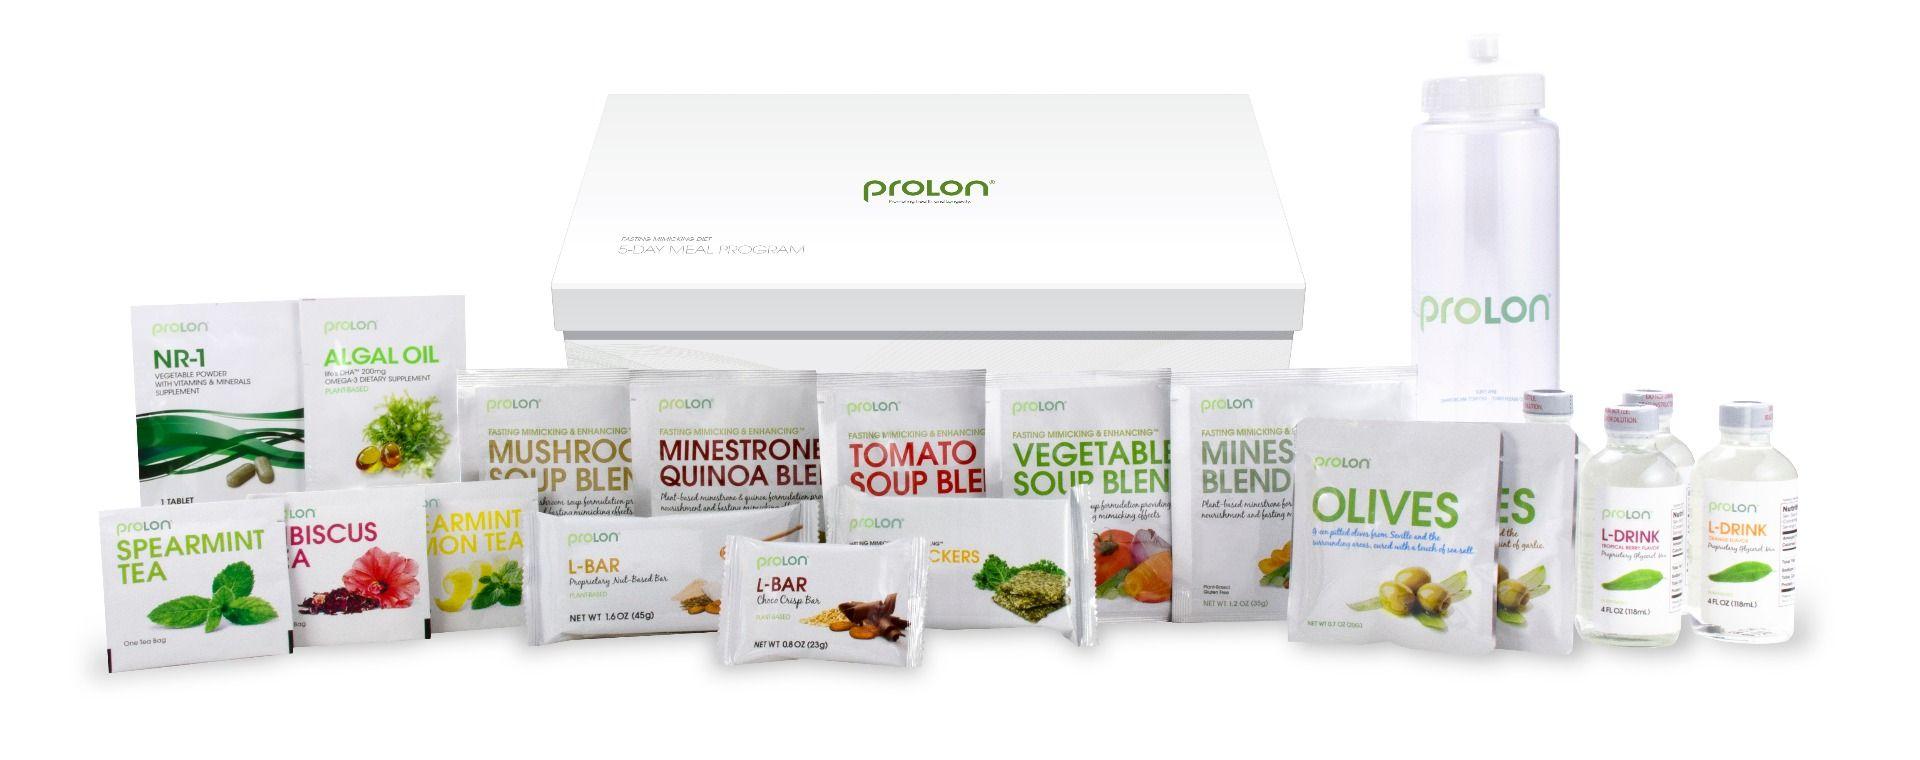 ProLon Diet set with bottle